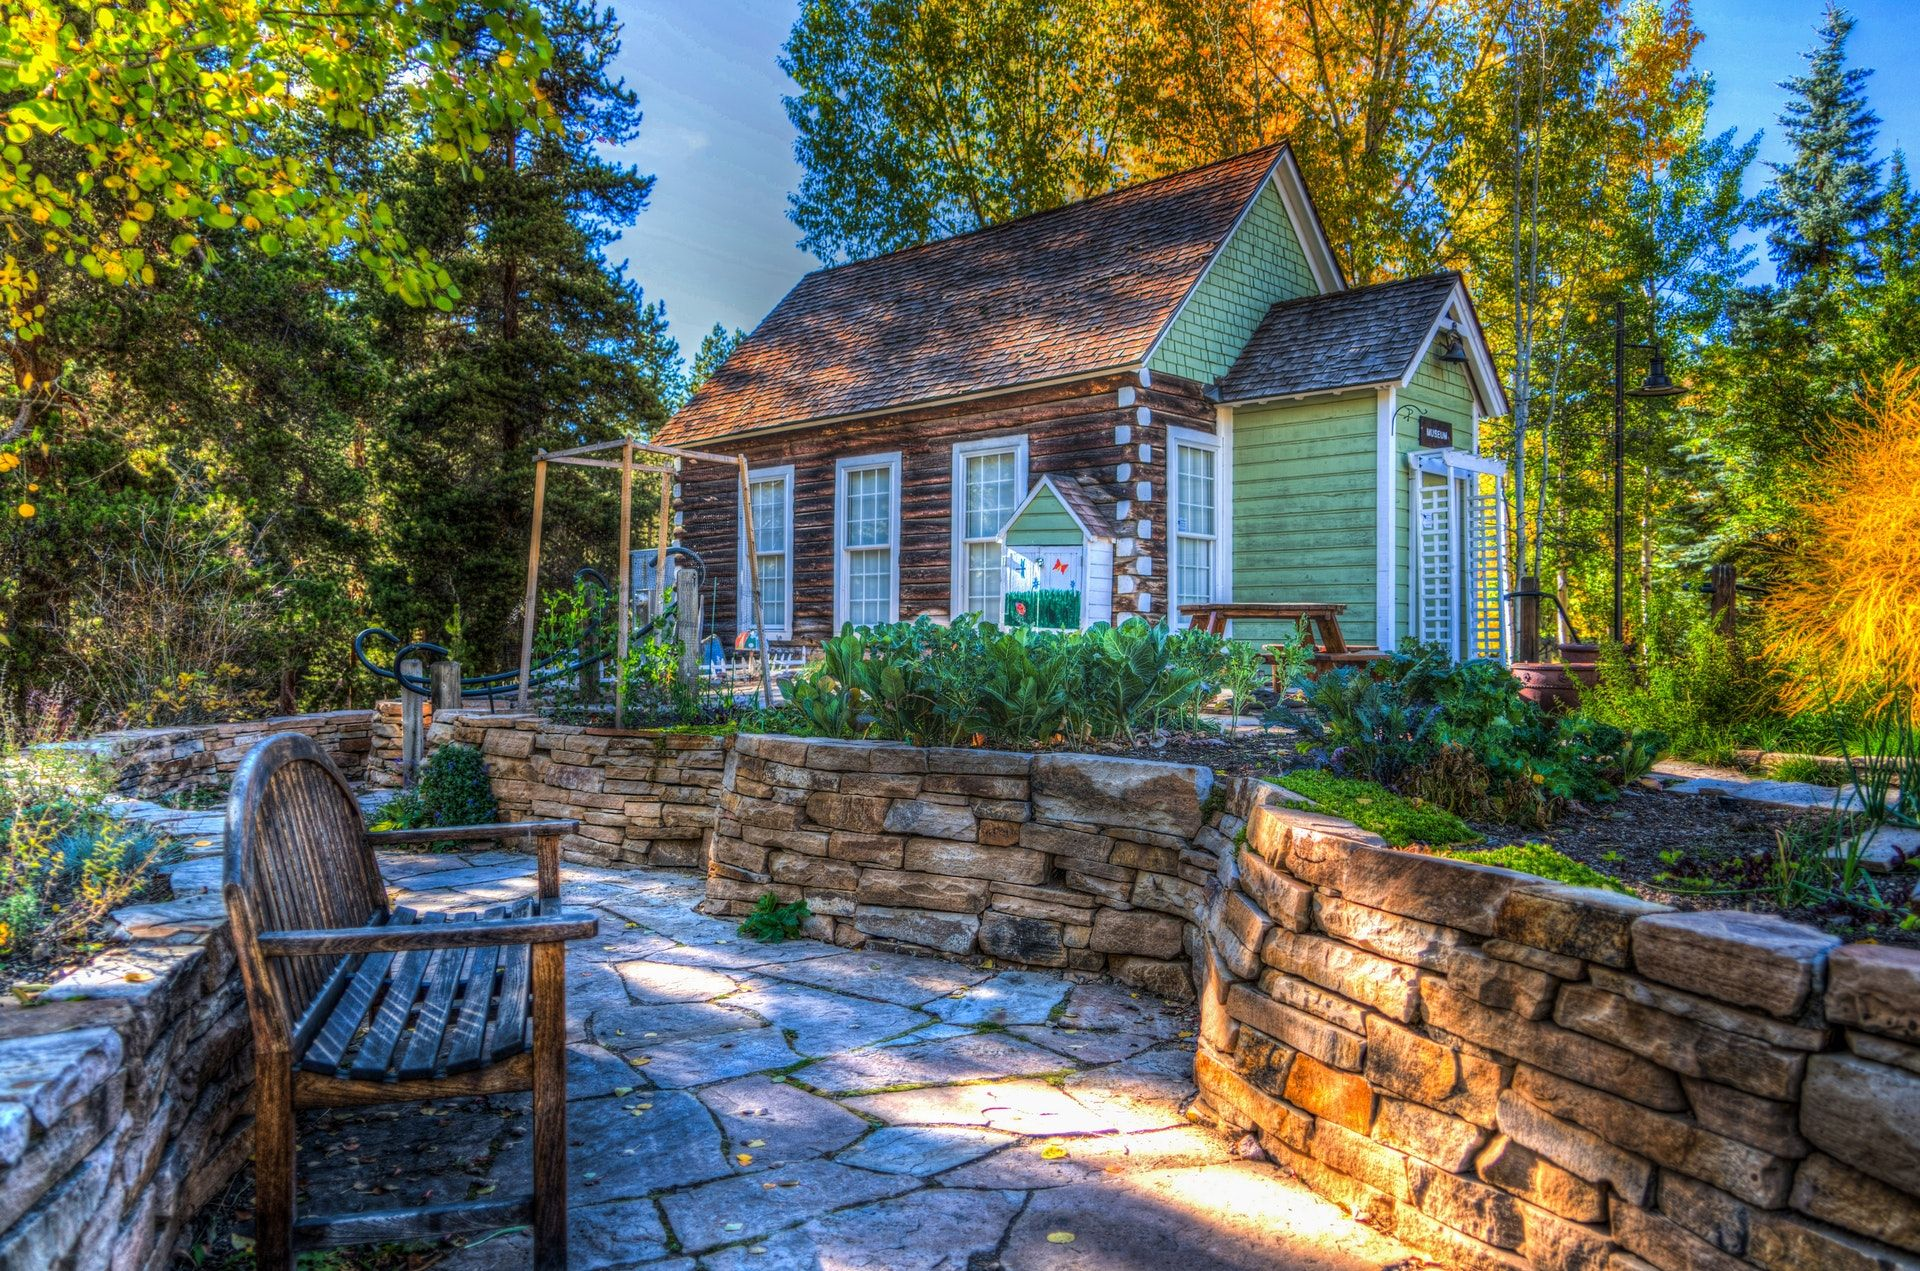 عکس زمینه خانه های چوبی در جنگل سبز پس زمینه